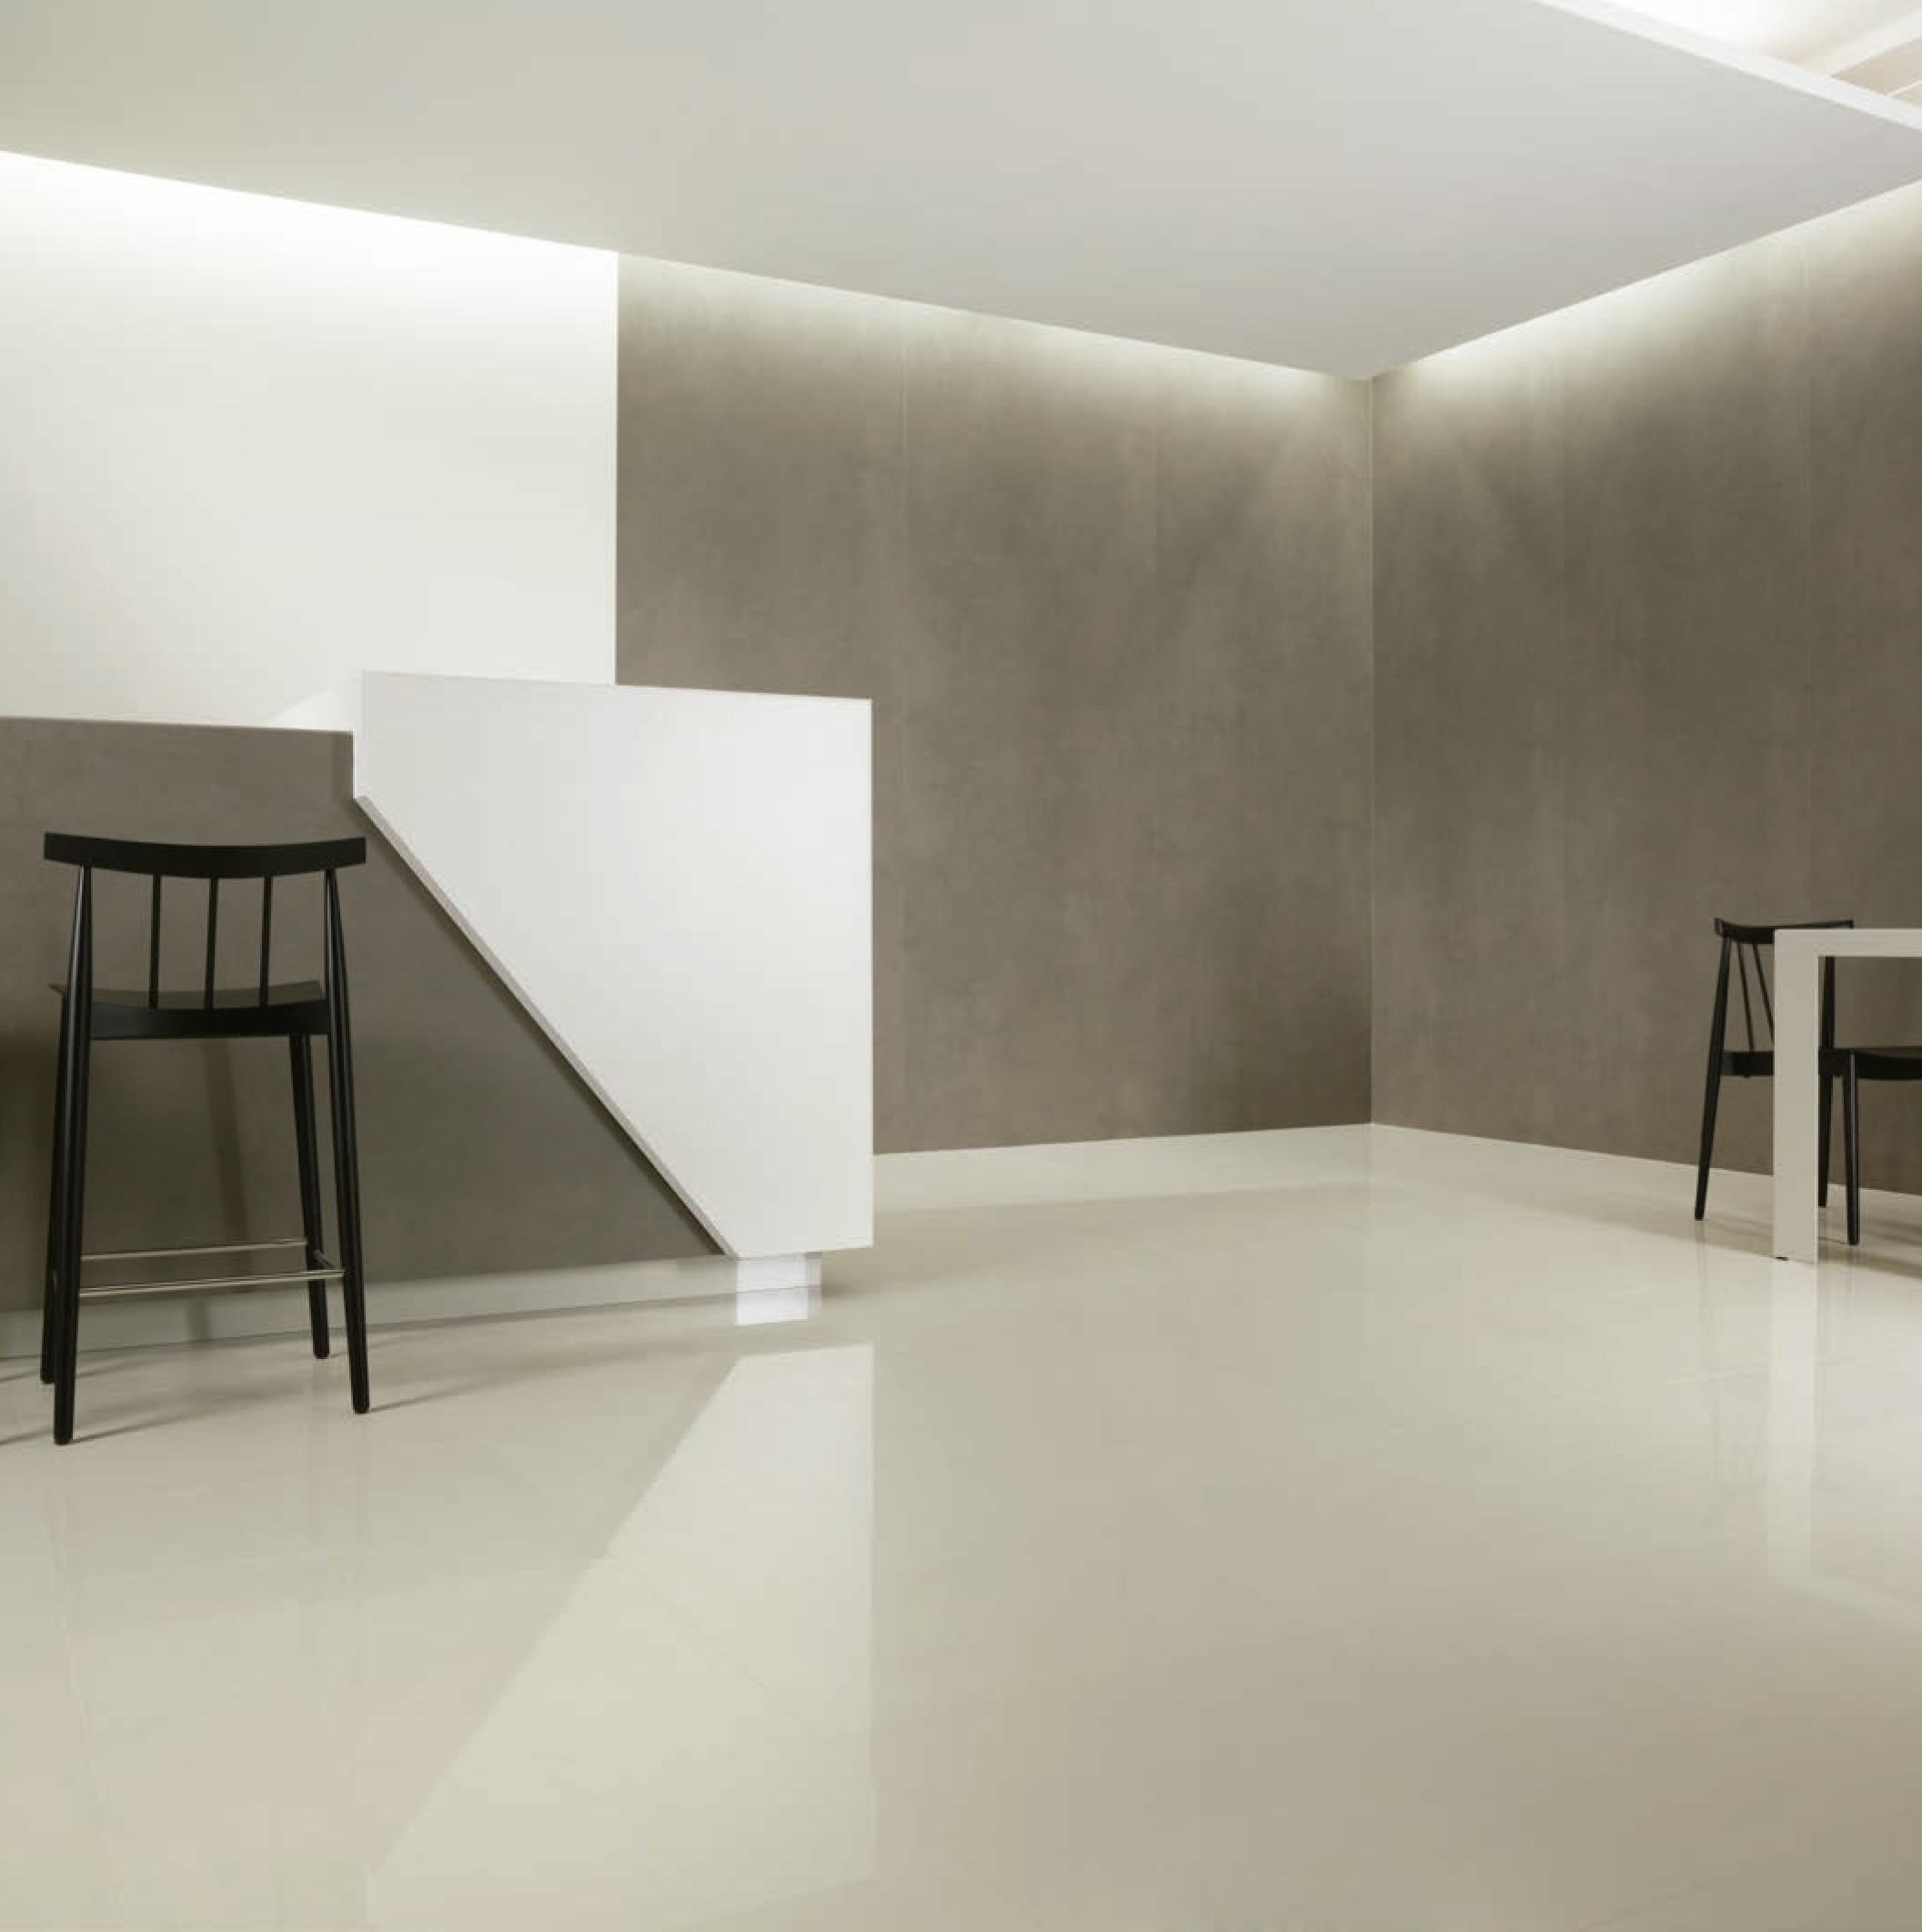 Cocinas ferri muebles saneamientos grifer as for Gres porcelanico gran formato precios